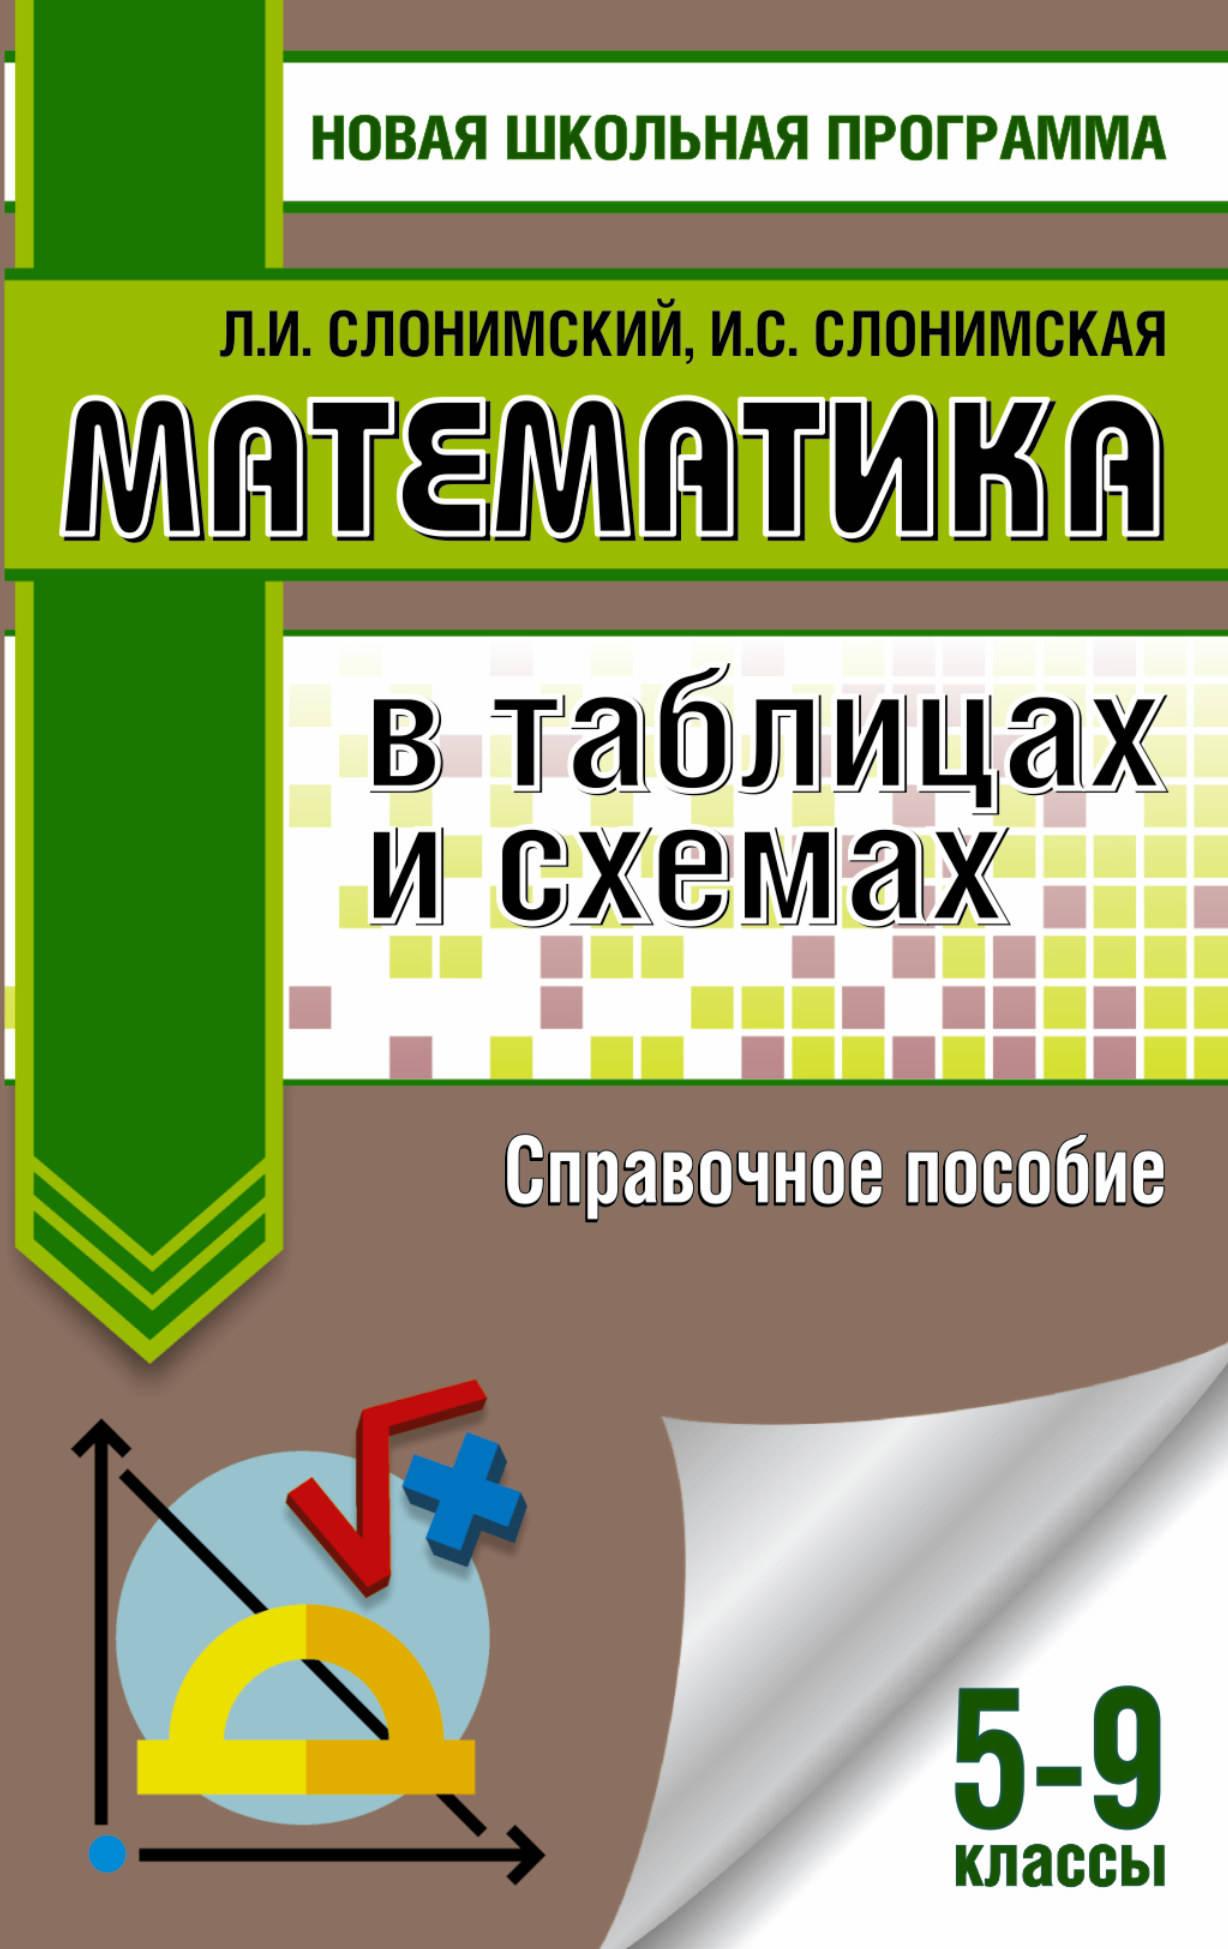 Л. И. Слонимский, И. С. Слонимская Математика в таблицах и схемах. 5-9 классы. Справочное пособие